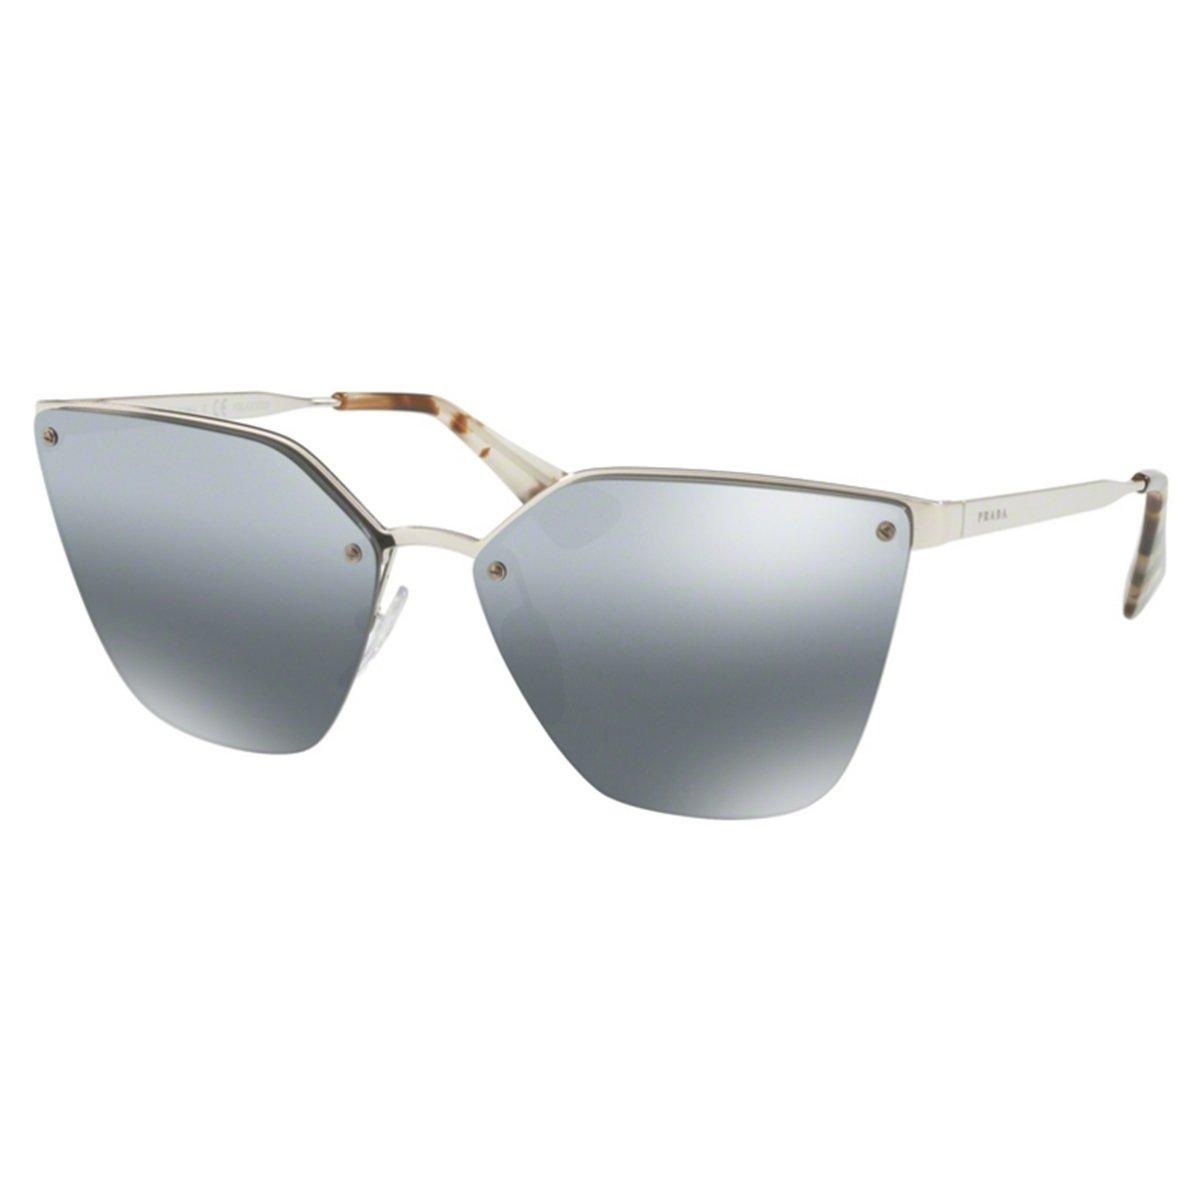 Óculos de Sol Prada SPR/68T - 1BC/2F2/63 Polarizado